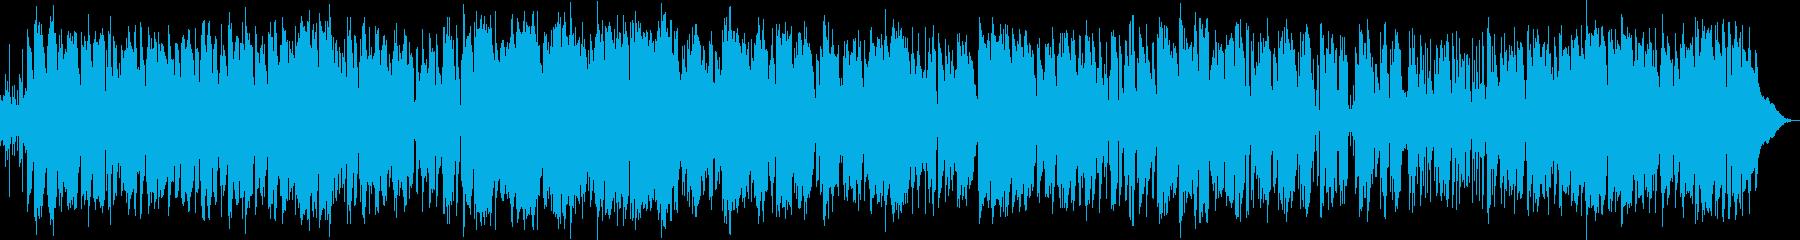 ムードのあるジャズ調でサックス中心の再生済みの波形